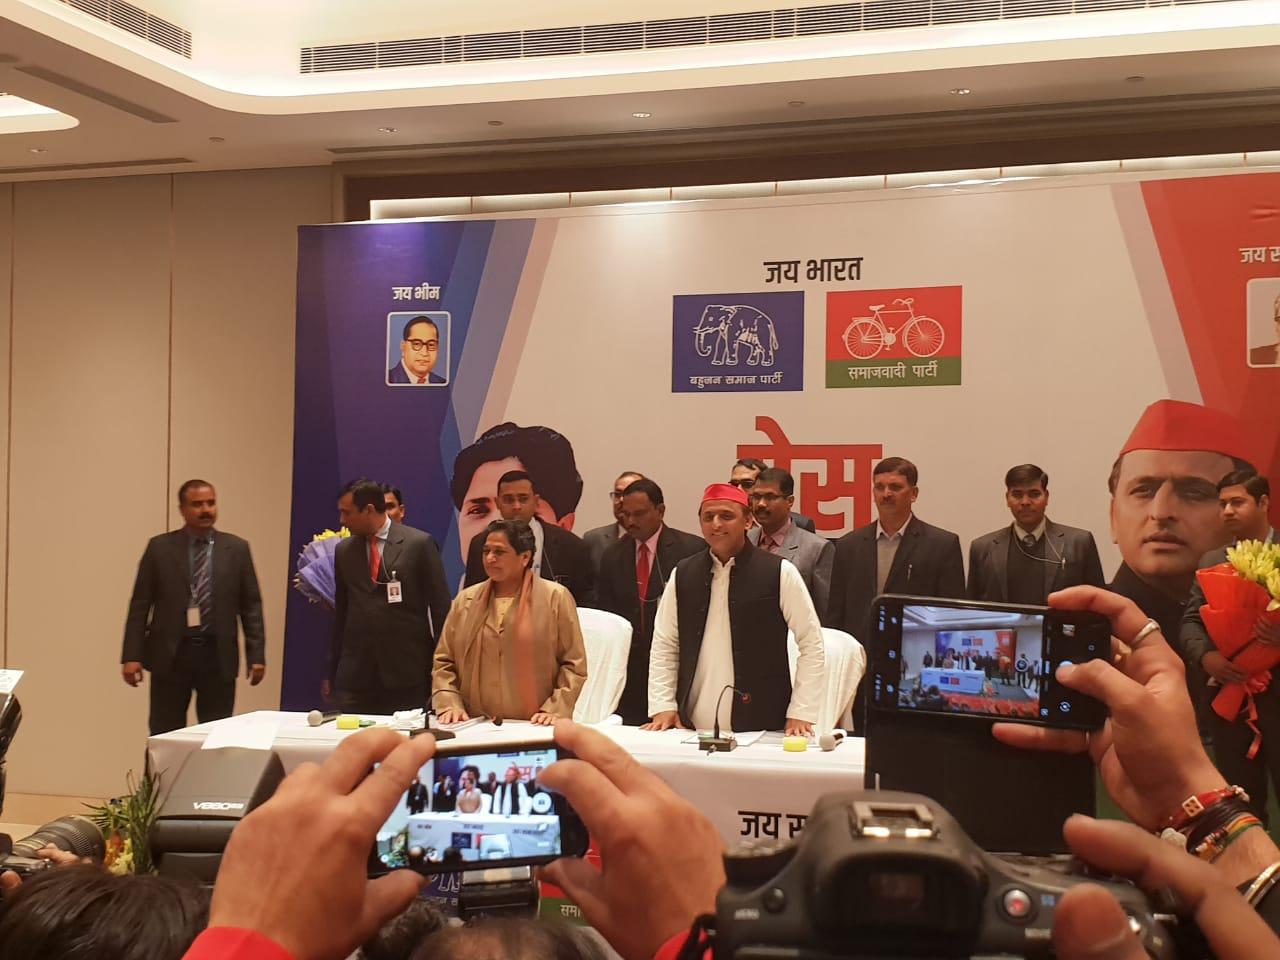 सपा-बसपा गठबंधन ने दो सीट सहयोगियों के लिए छोड़ी है. मायावती ने कहा कि वे कांग्रेस के साथ गठबंधन नहीं करेंगे लेकिन अमेठी और रायबरेली कांग्रेस के लिए छोड़ रहे हैं. बता दें कि अमेठी से कांग्रेस अध्यक्ष राहुल गांधी और रायबरेली से यूपीए प्रमुख सोनिया गांधी चेयरमैन हैं.